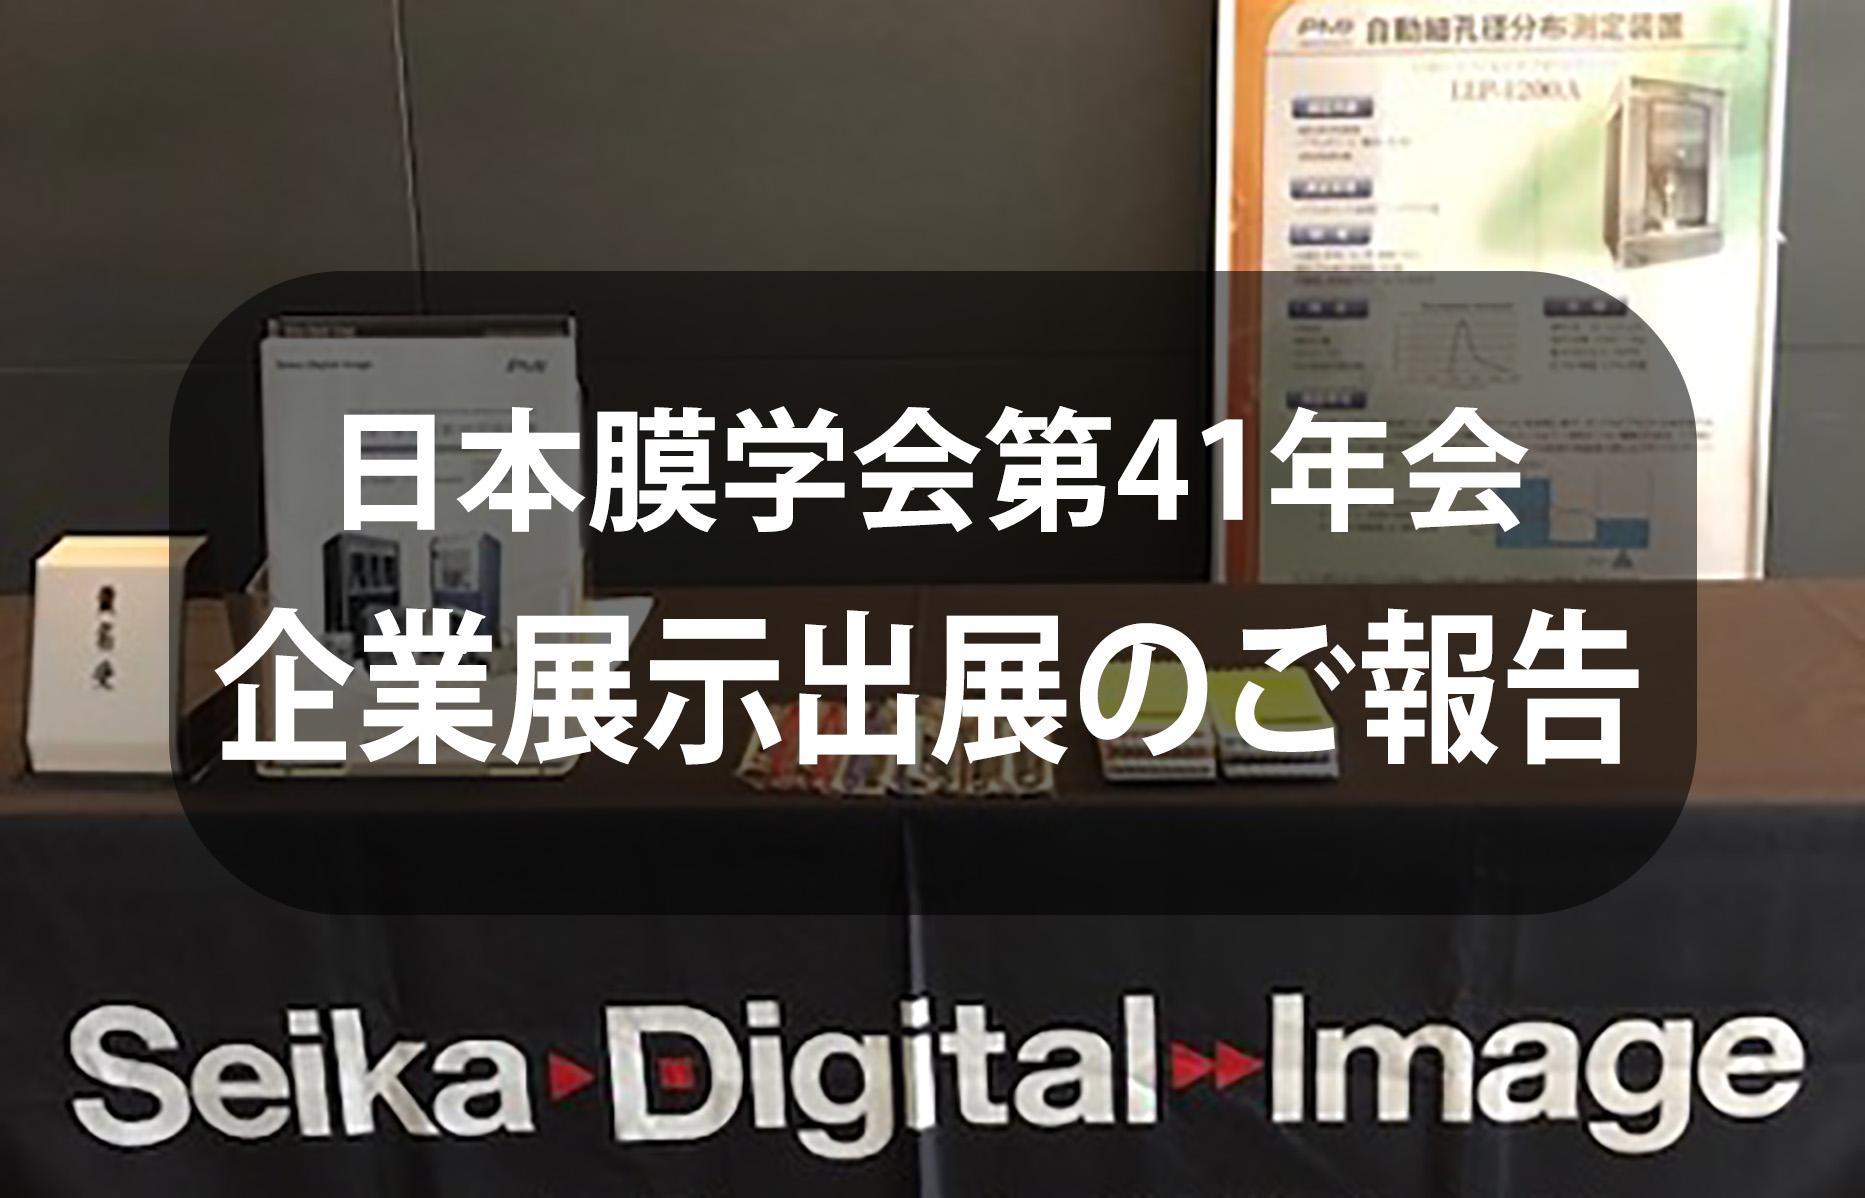 日本膜学会第41年会 企業展示出展のご報告